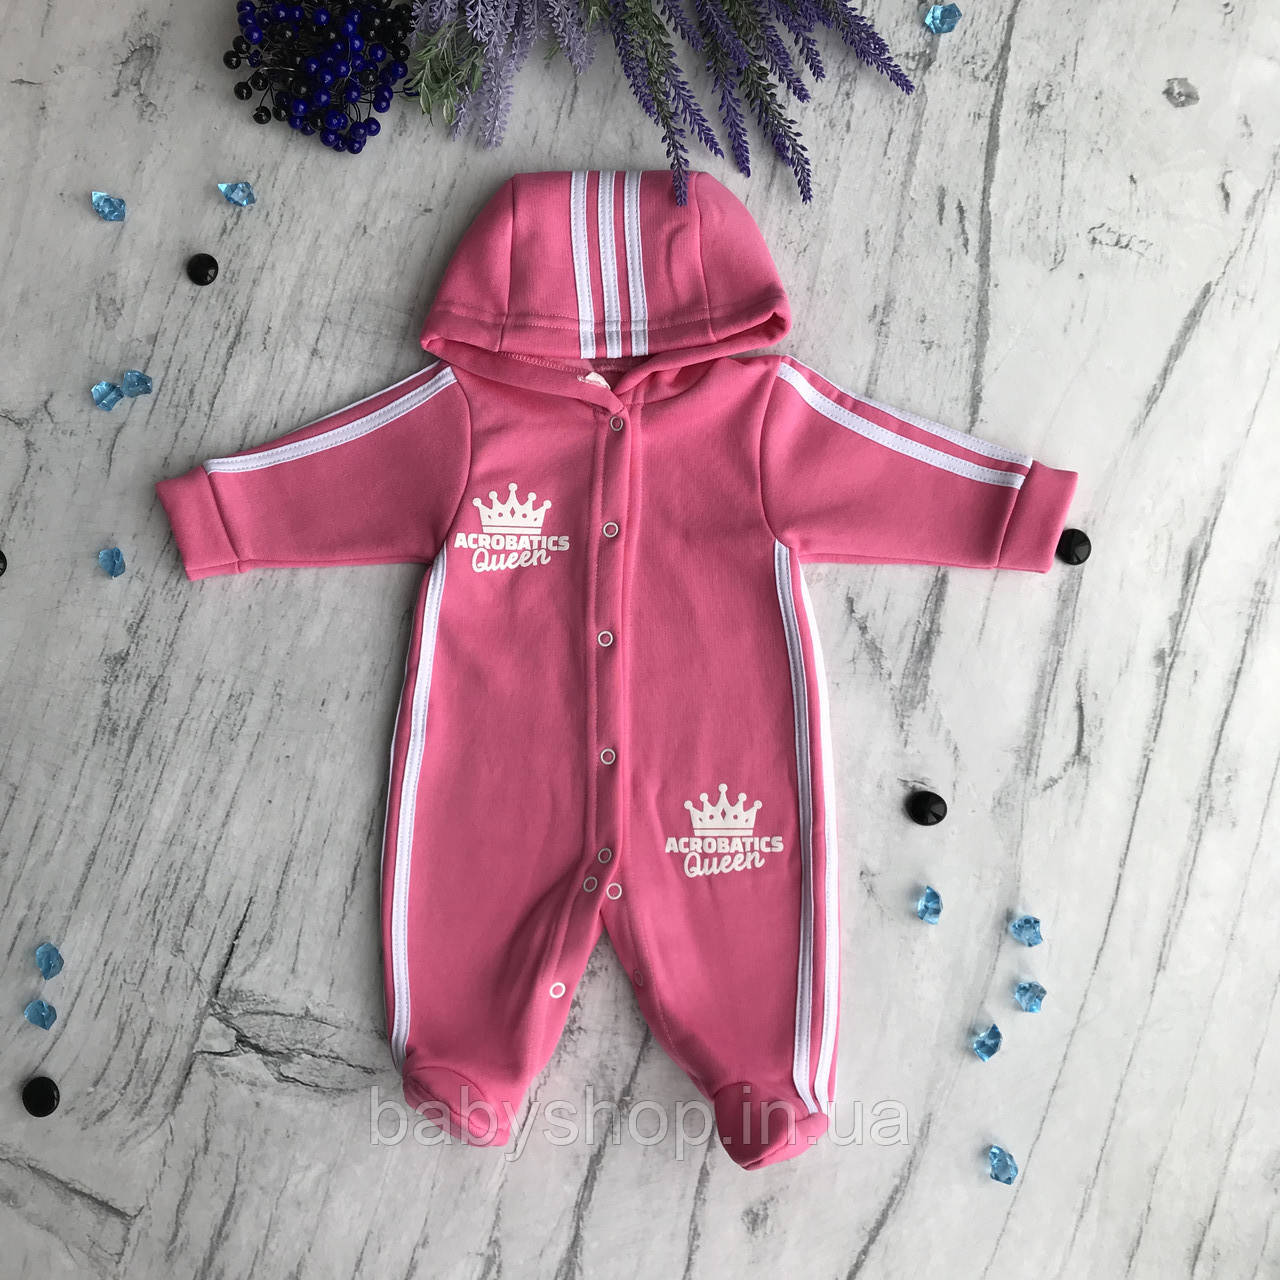 Теплый комбинезон для девочки 2. Размер 62 см розовый